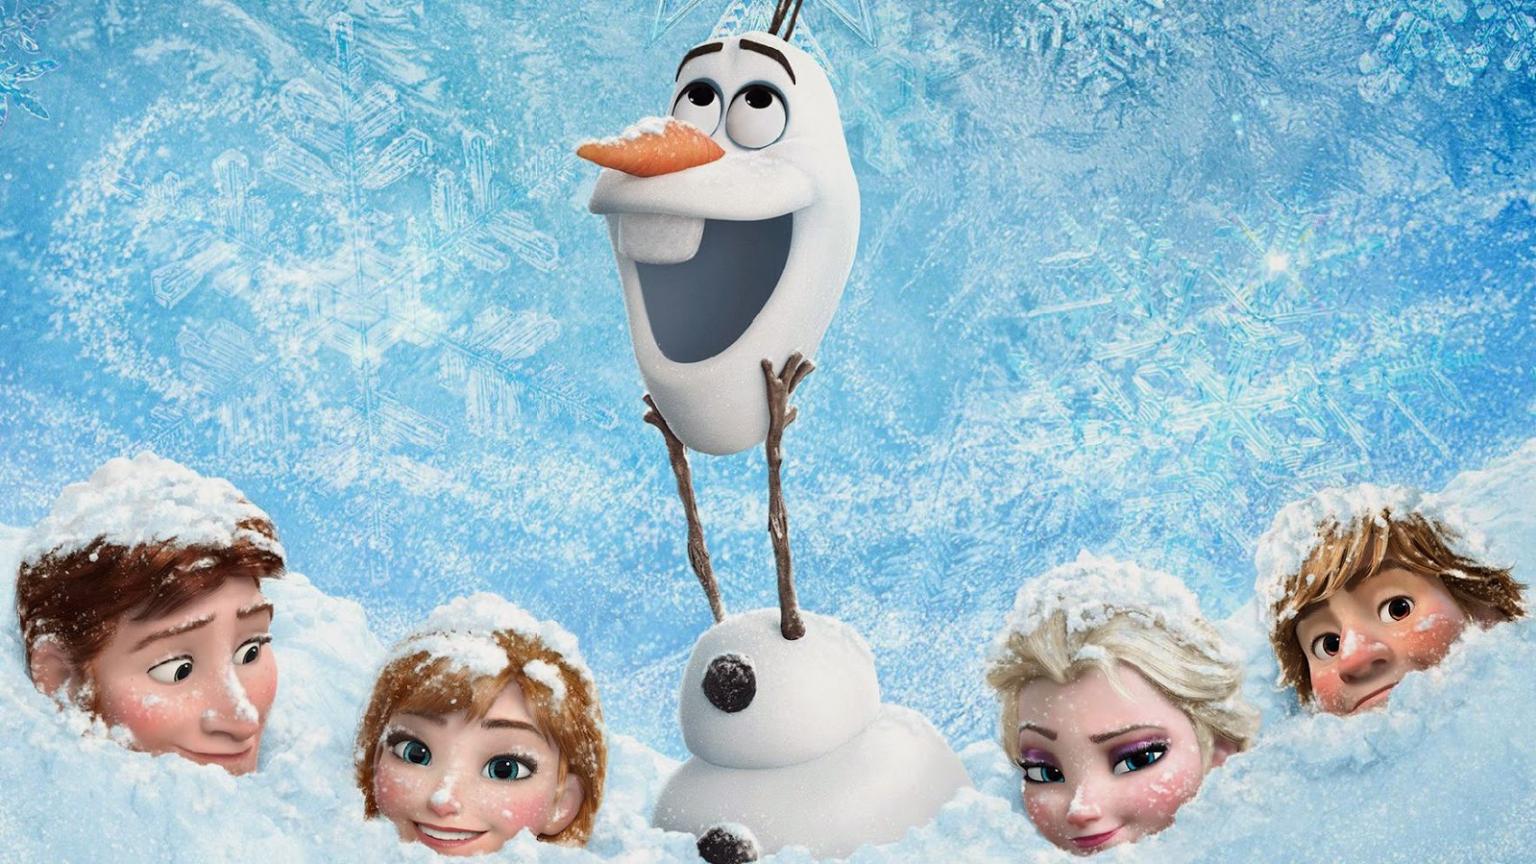 Free Frozen Fever Wallpaper HD Gambar Lucu Terbaru